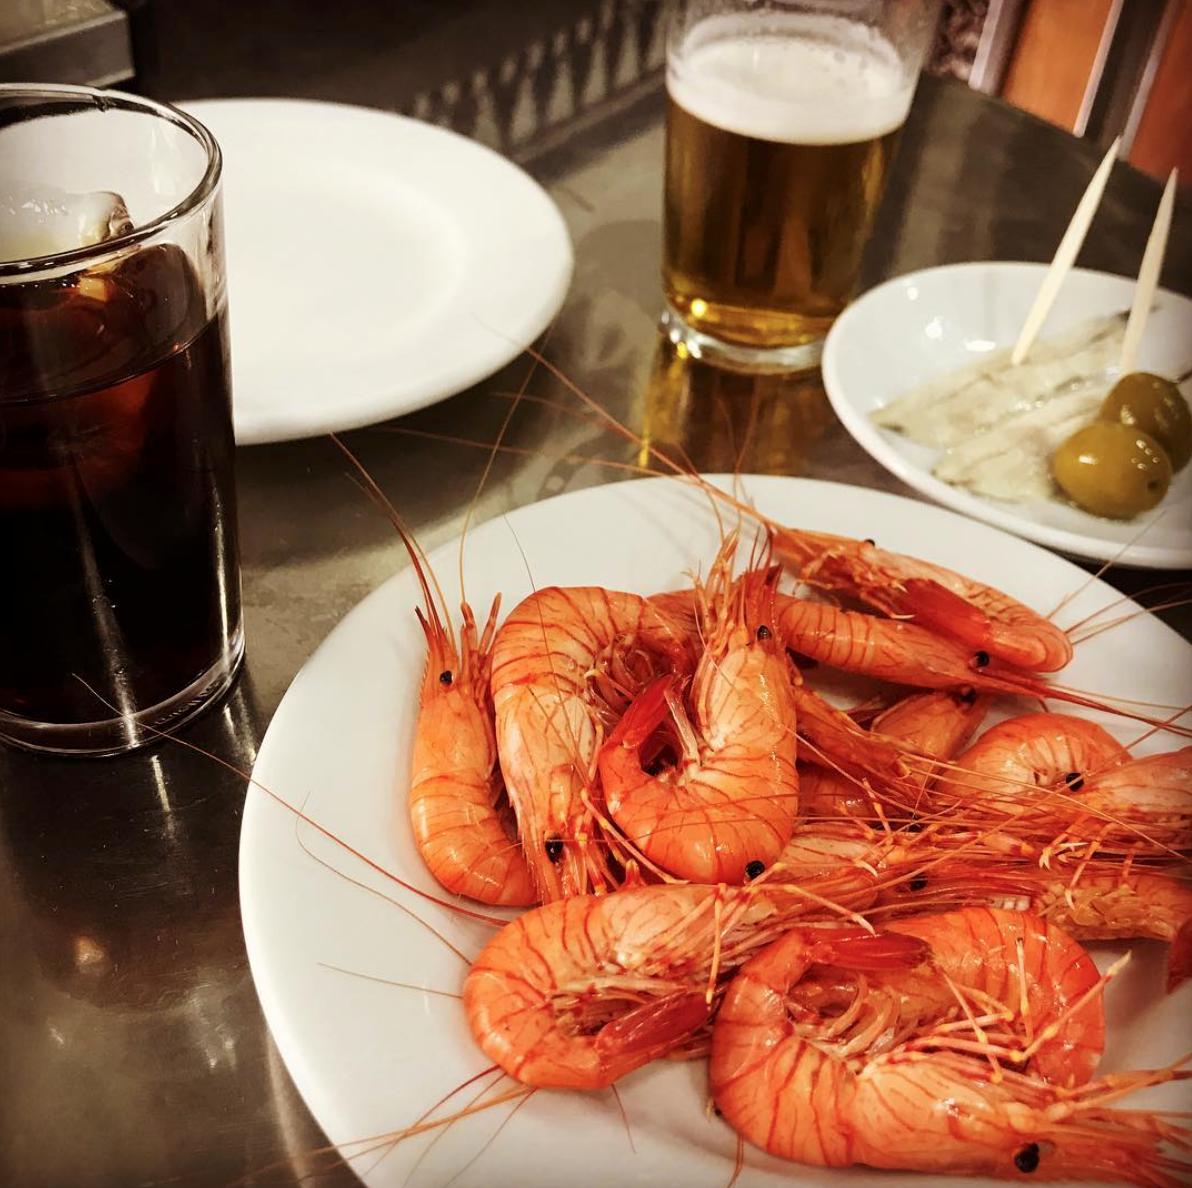 The 38 Best Restaurants in Madrid - Eater